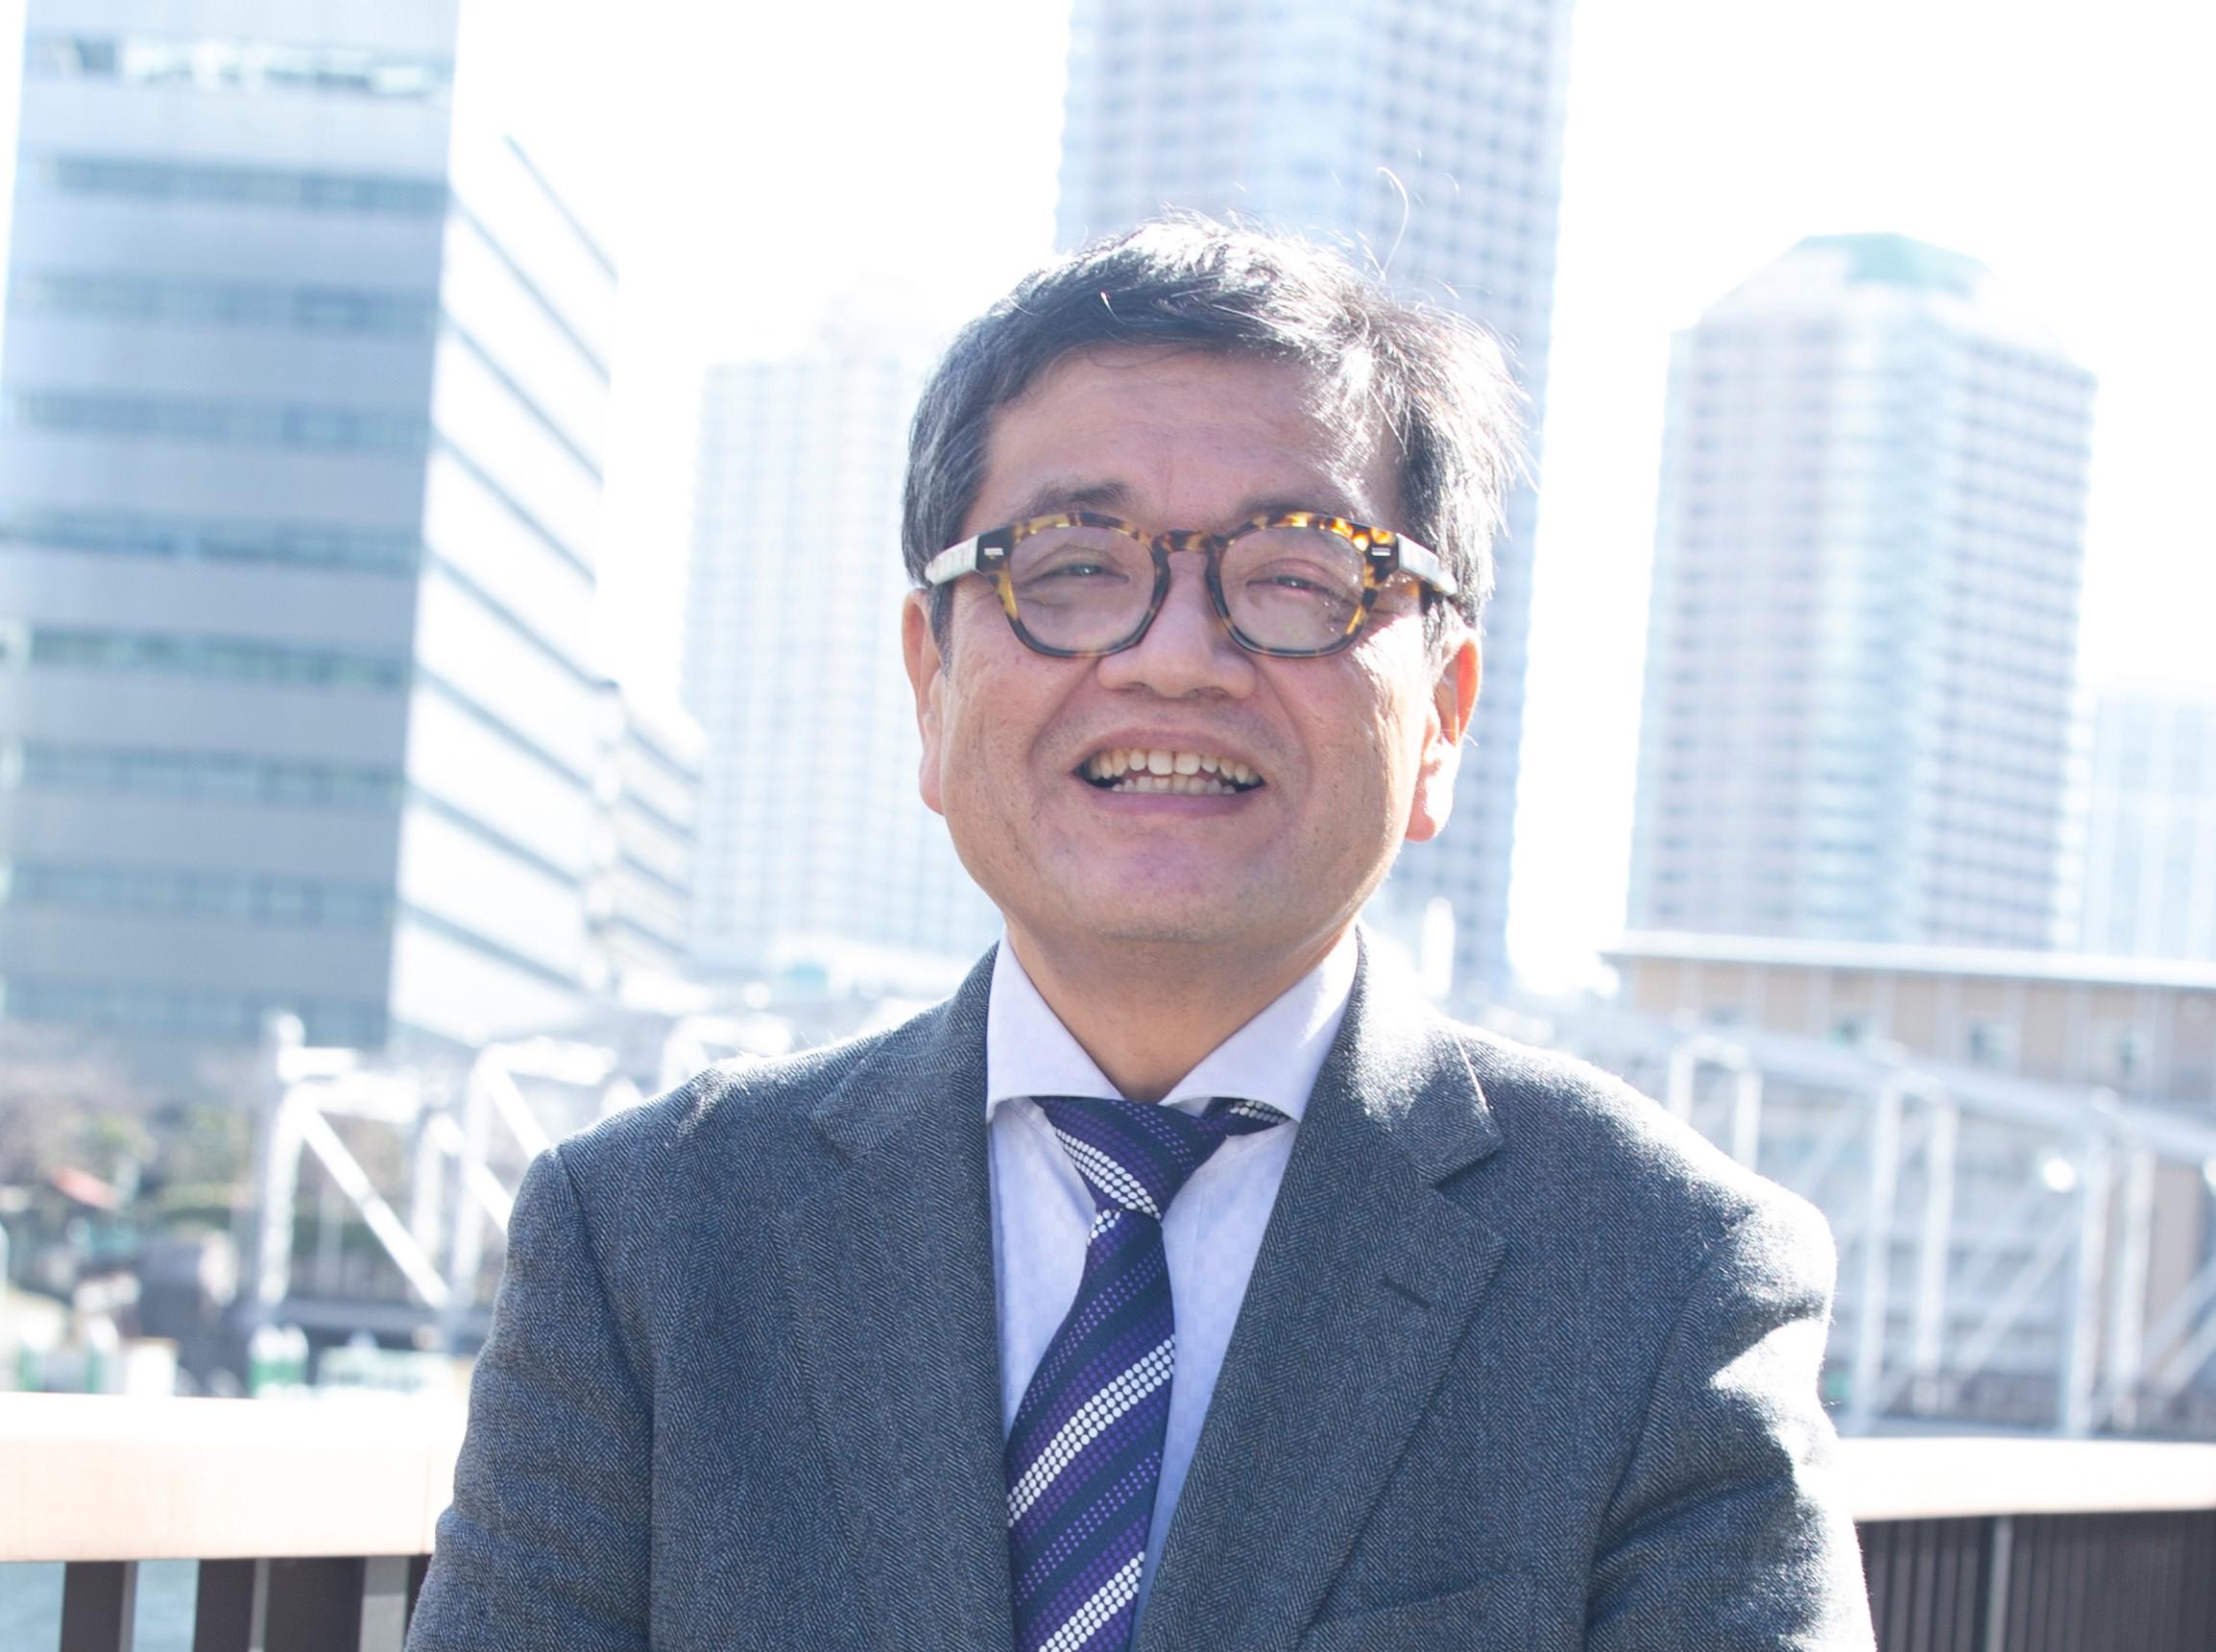 森永卓郎さんに聞く「日本経済の失速の原因」とは?